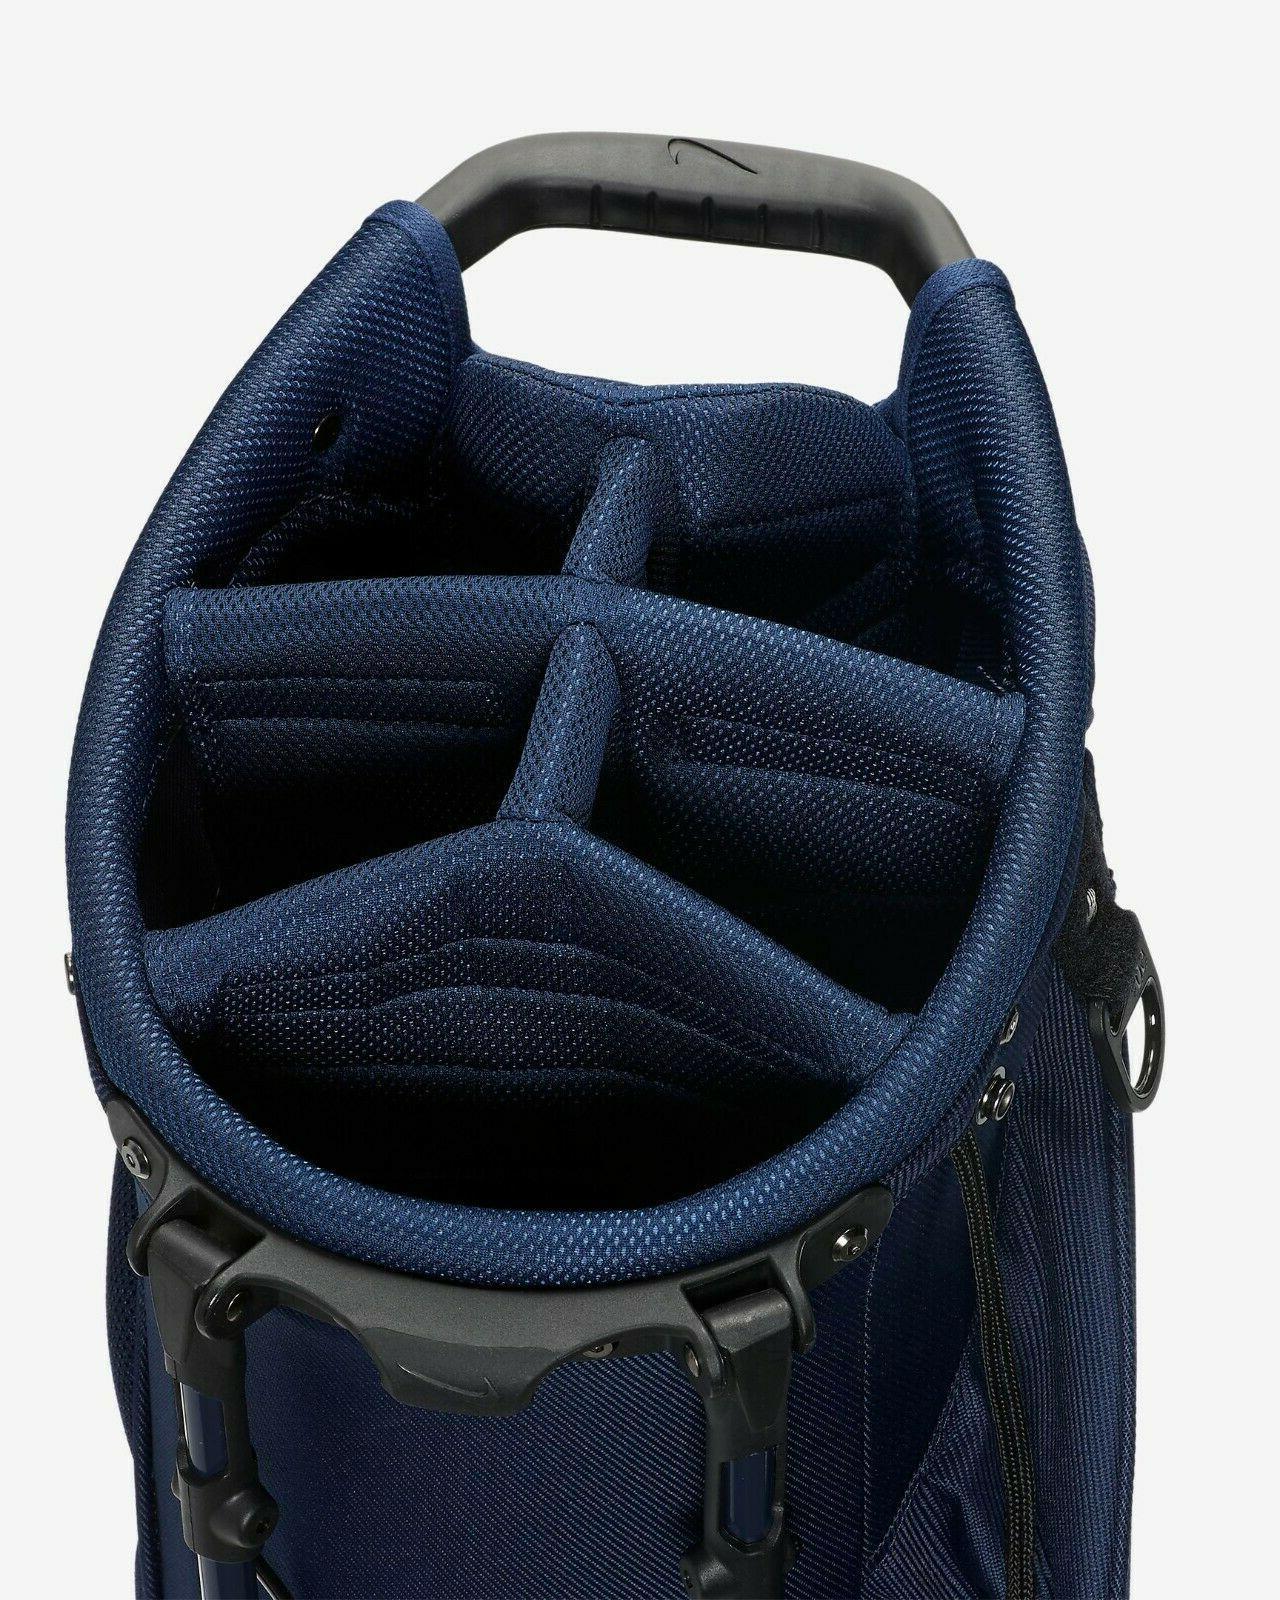 Nike Bag Navy 2020